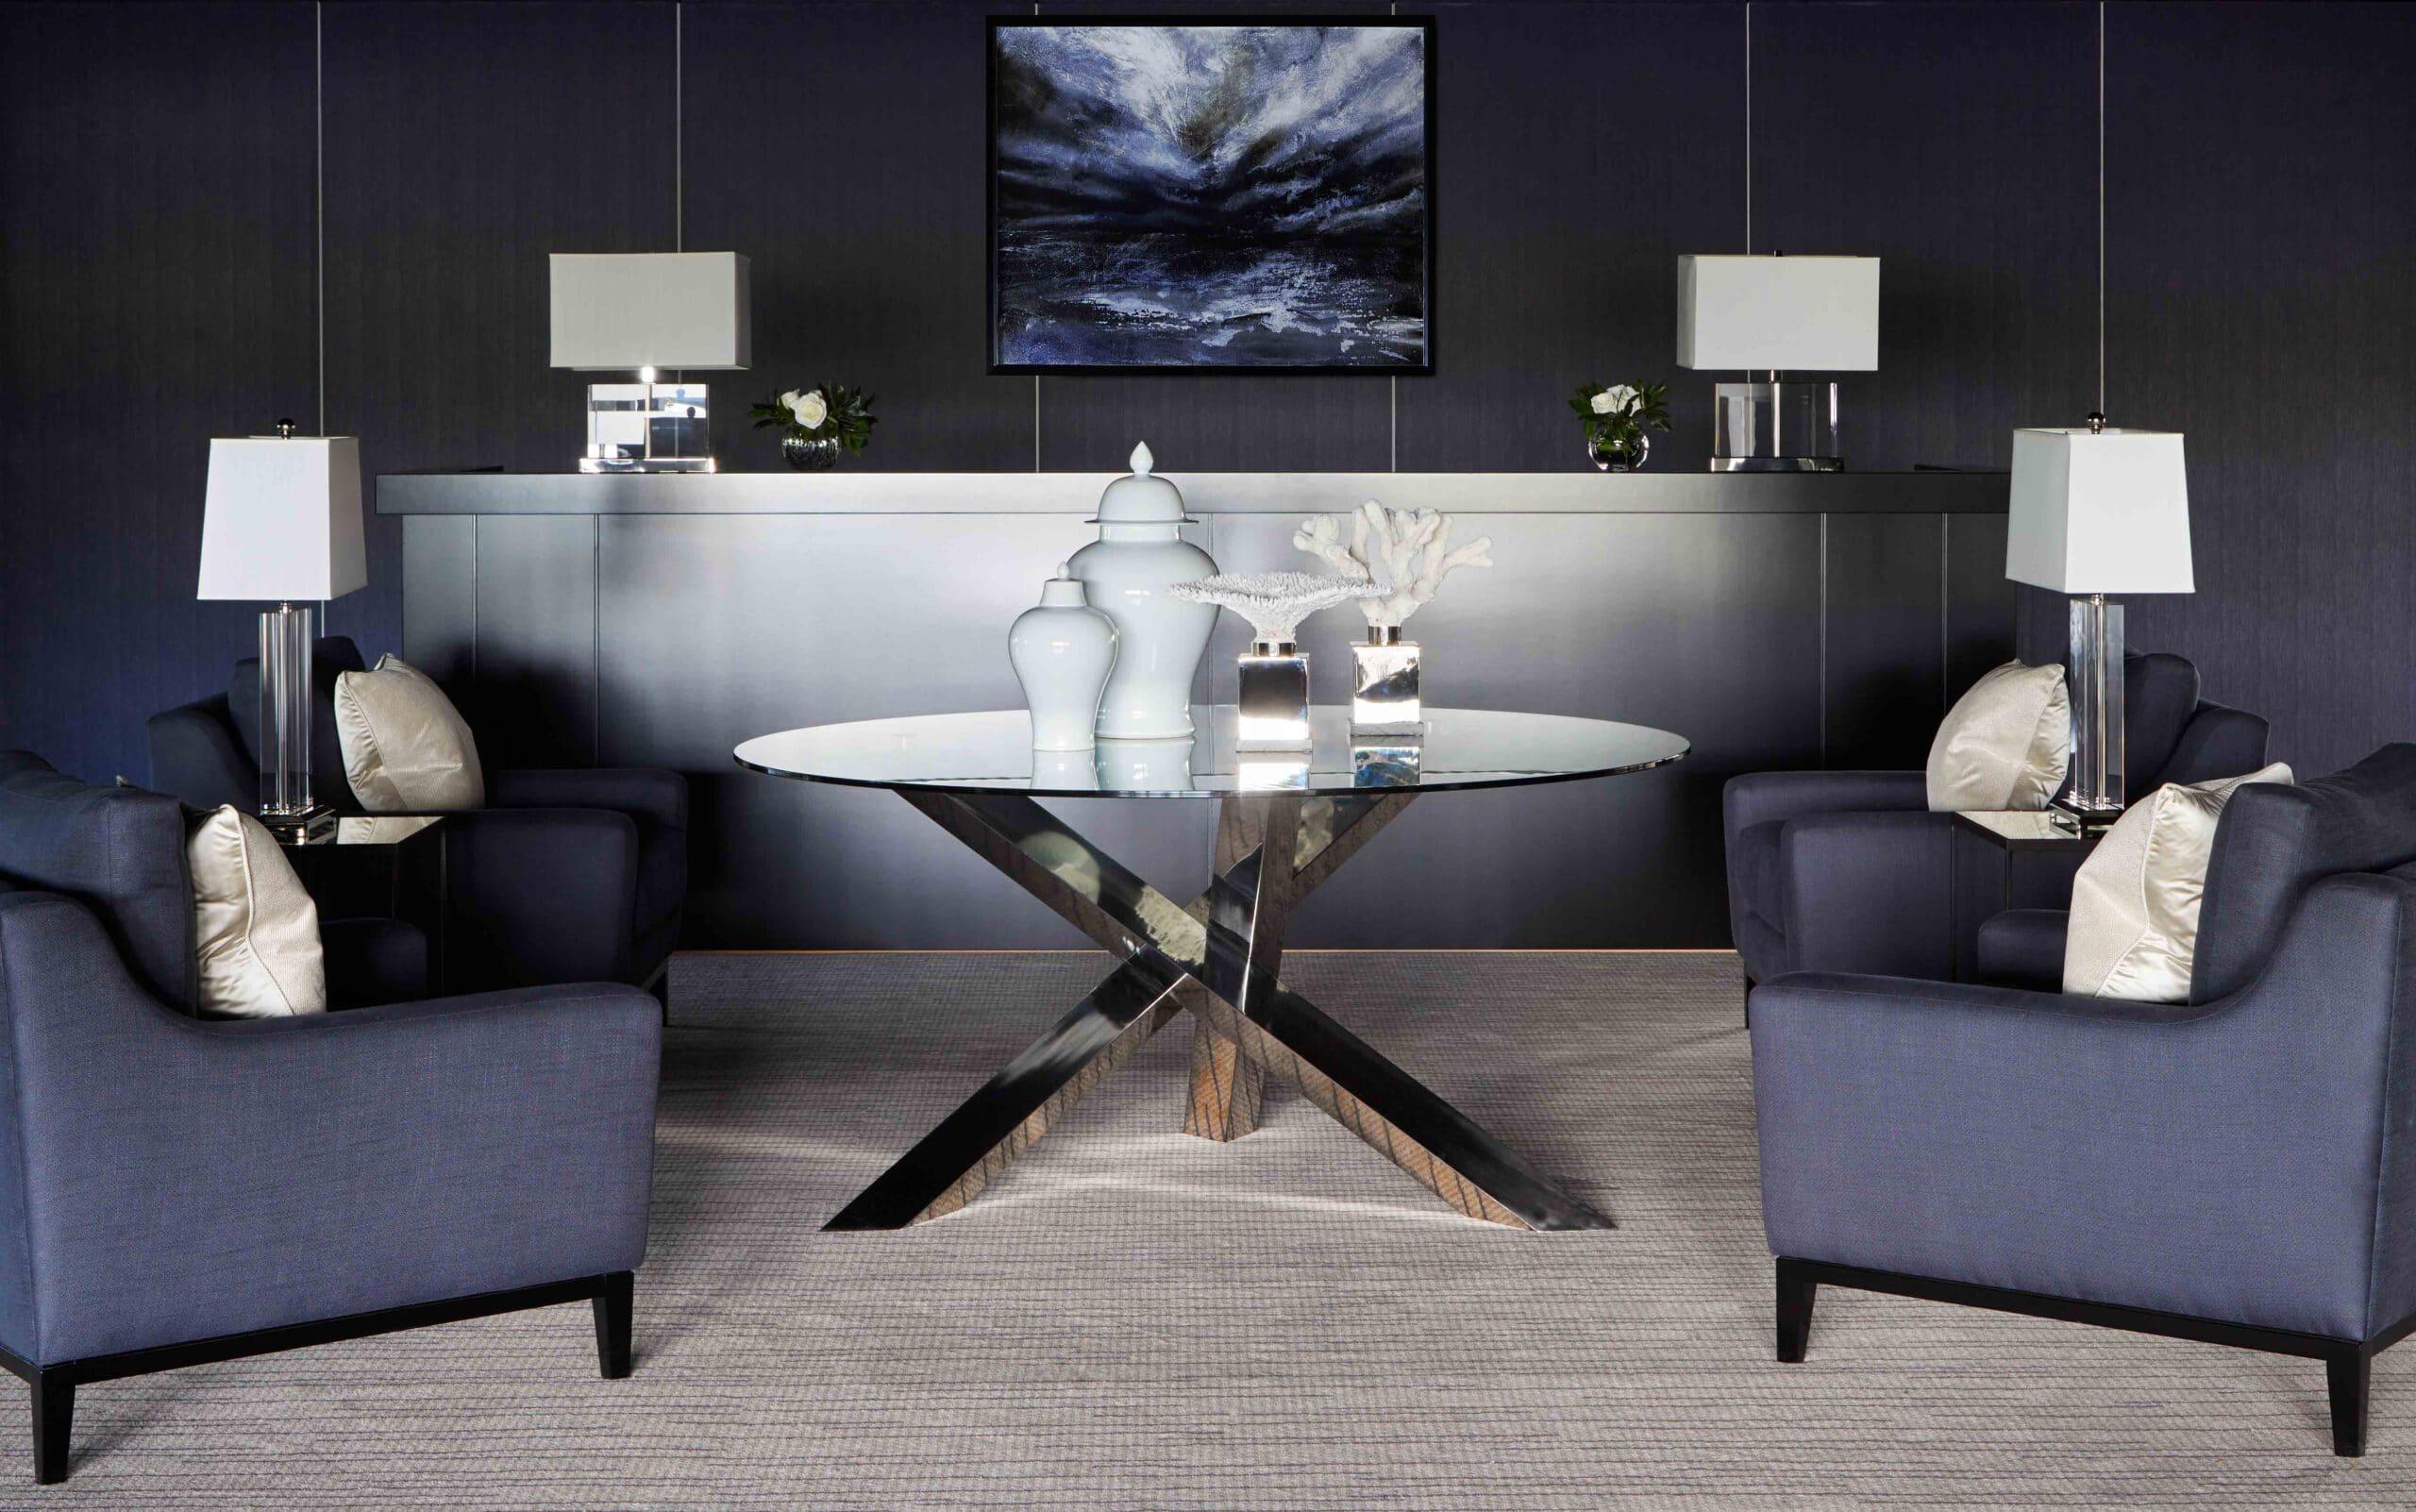 interior designer airpot lounge